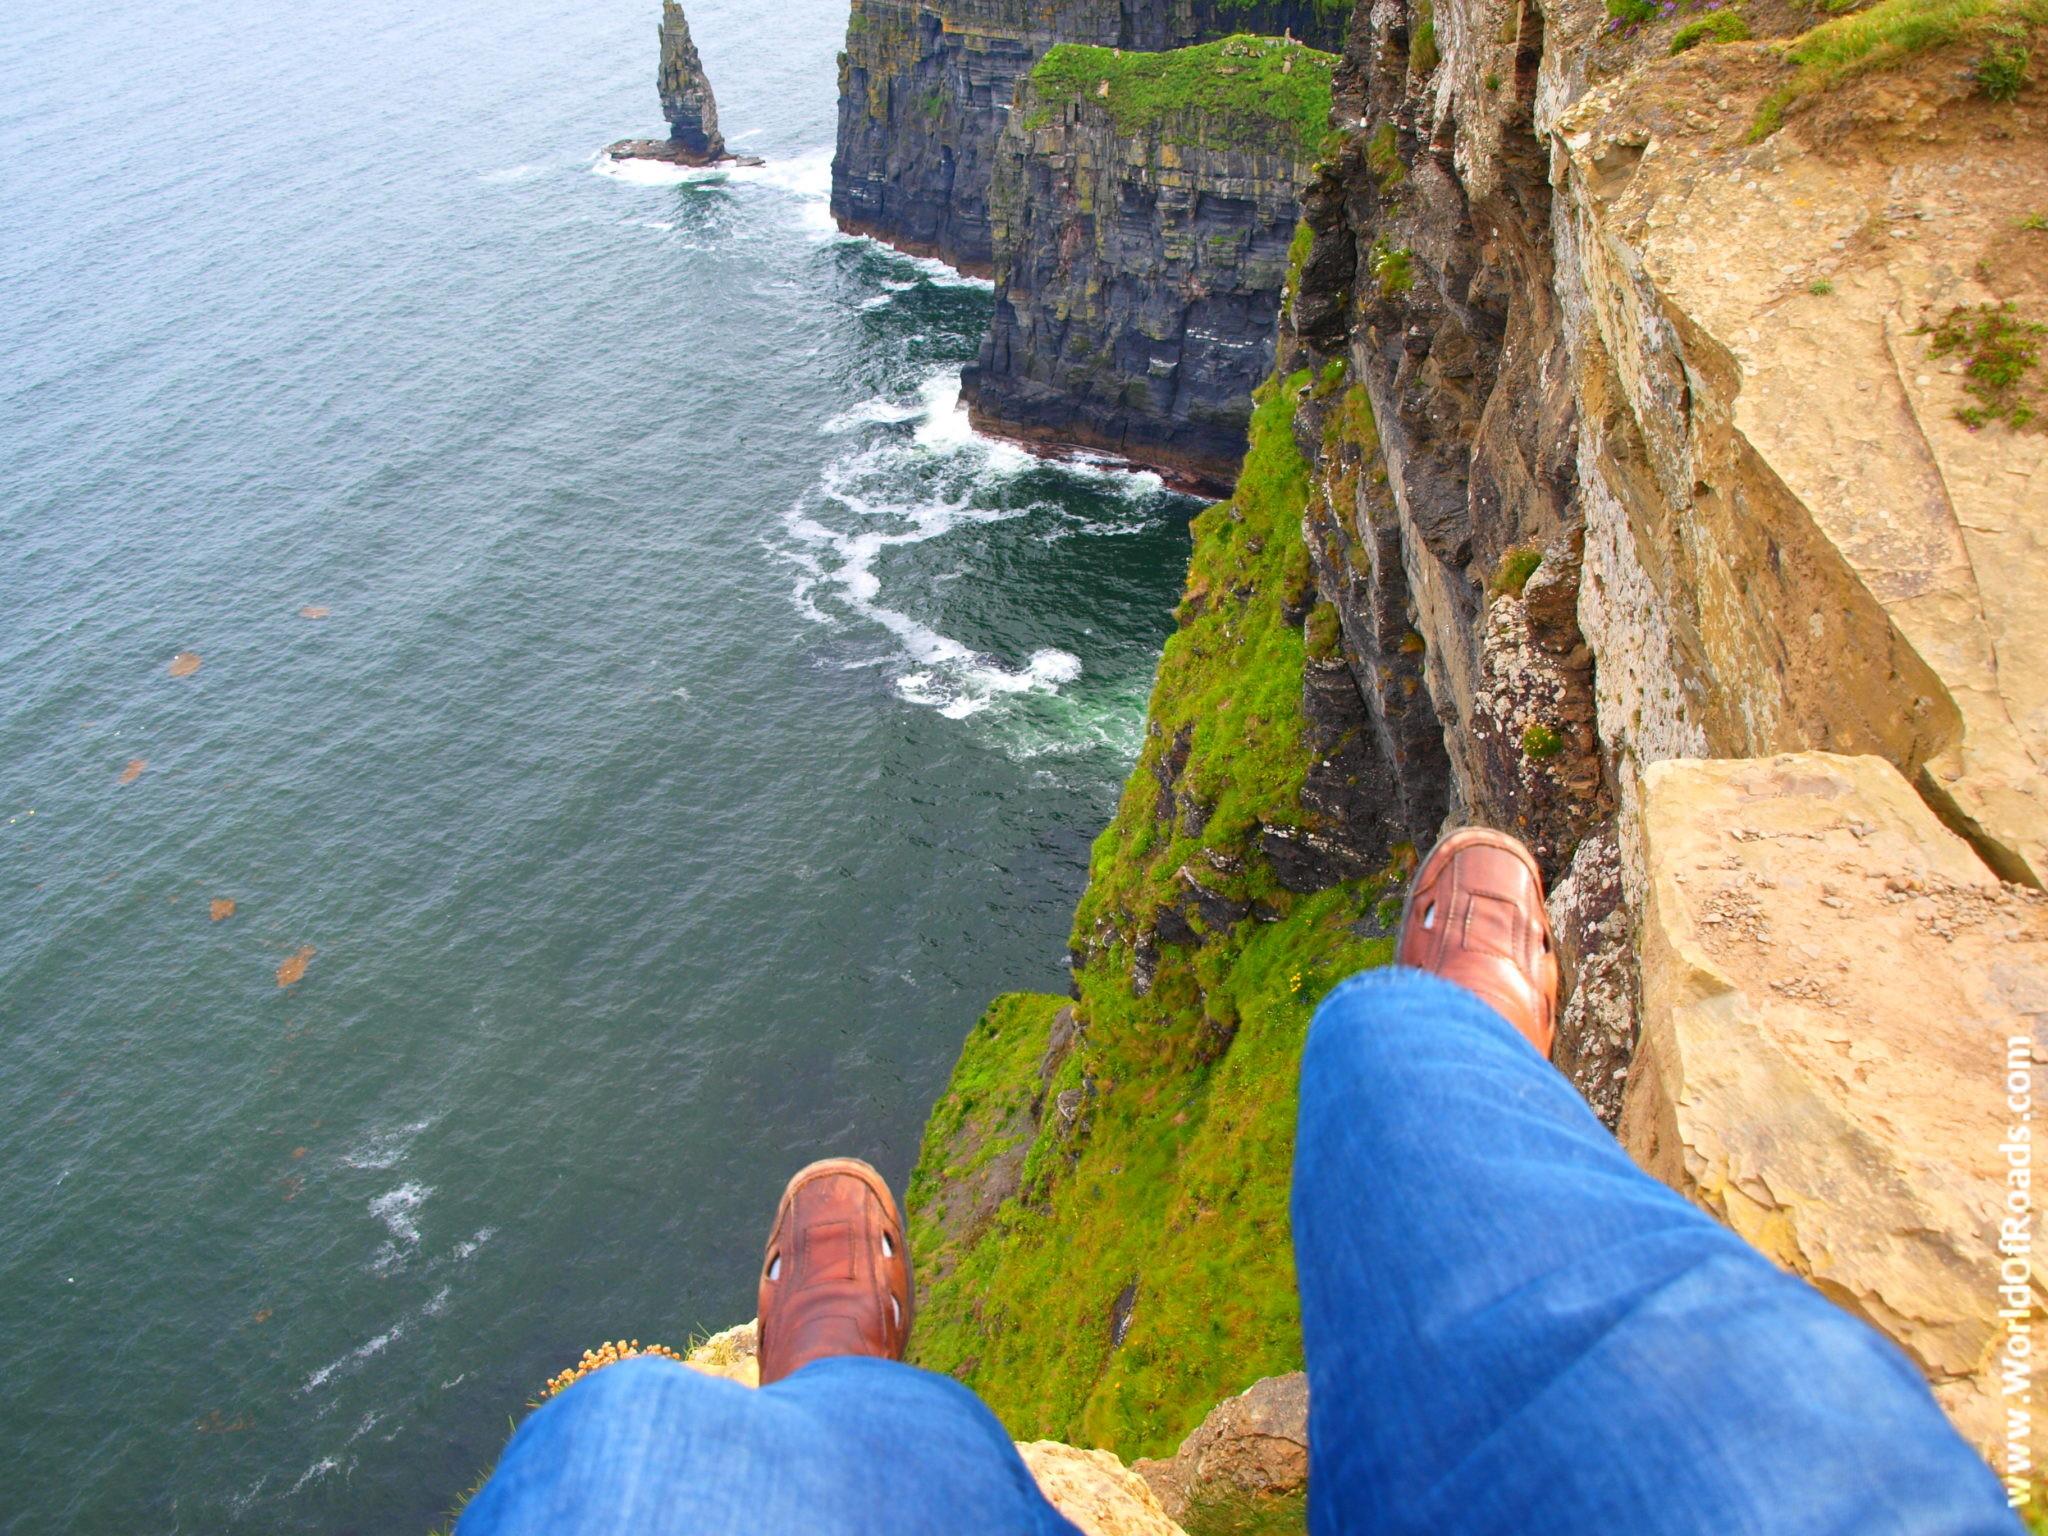 На краю клифа. Клифы Мохер. Ирландия.